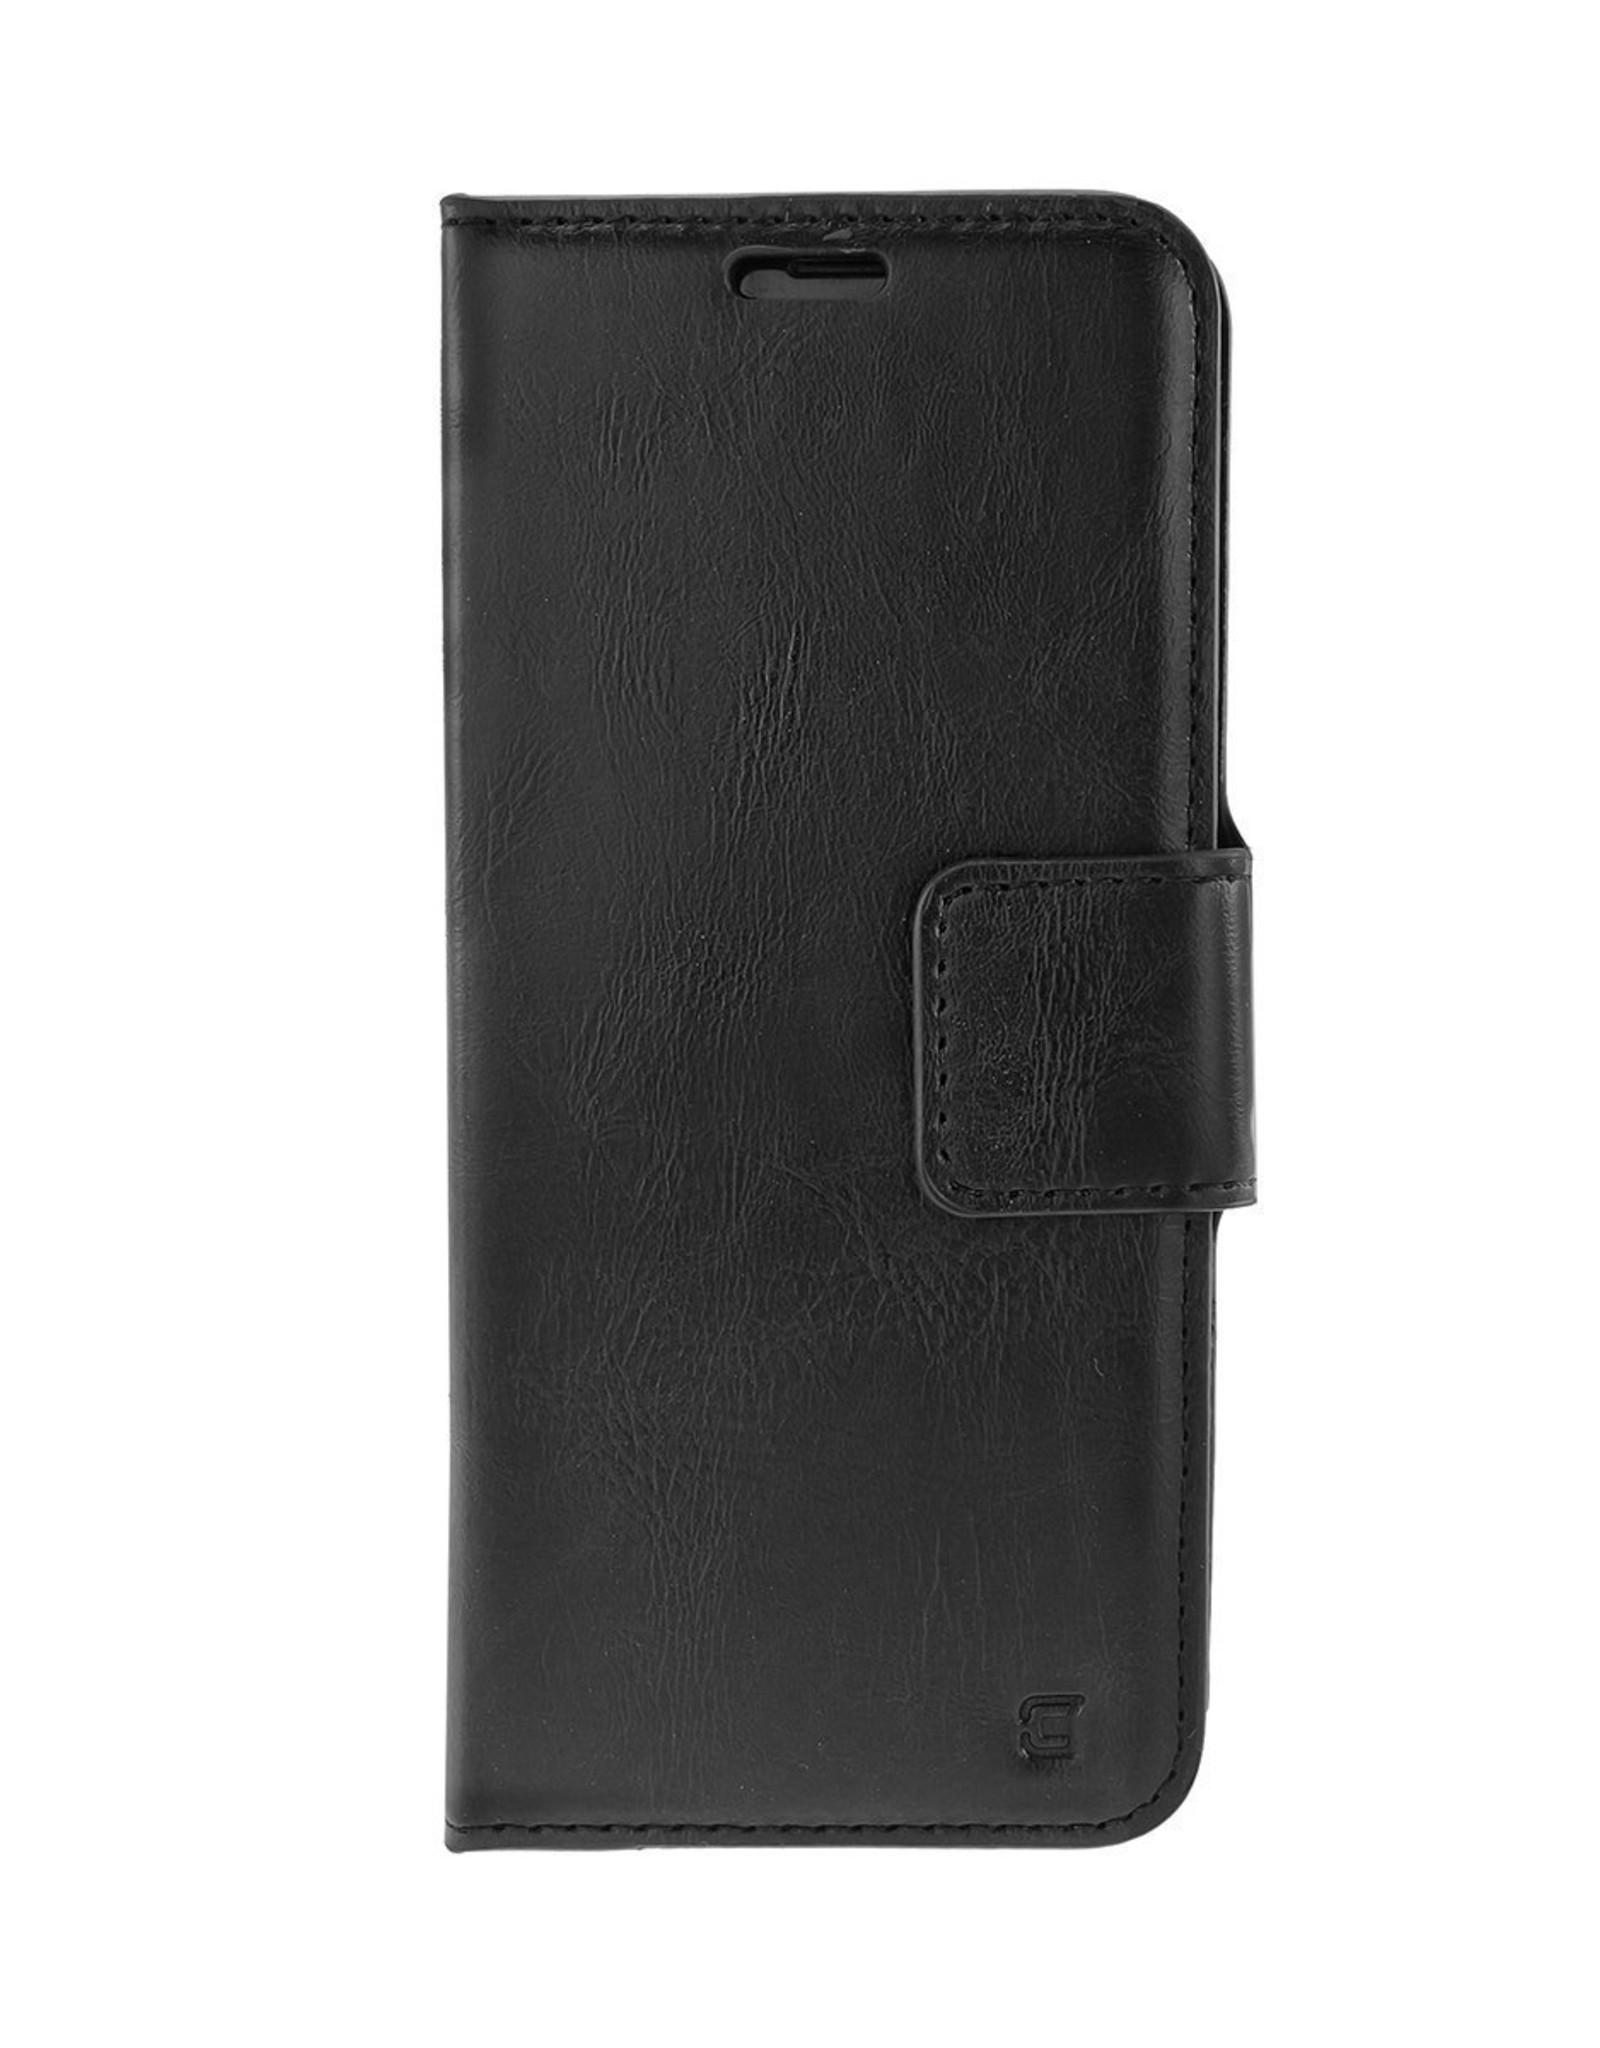 Caseco Caseco   Bond St. 2 in 1 Folio Case - Samsung A20 - Black C3216-01